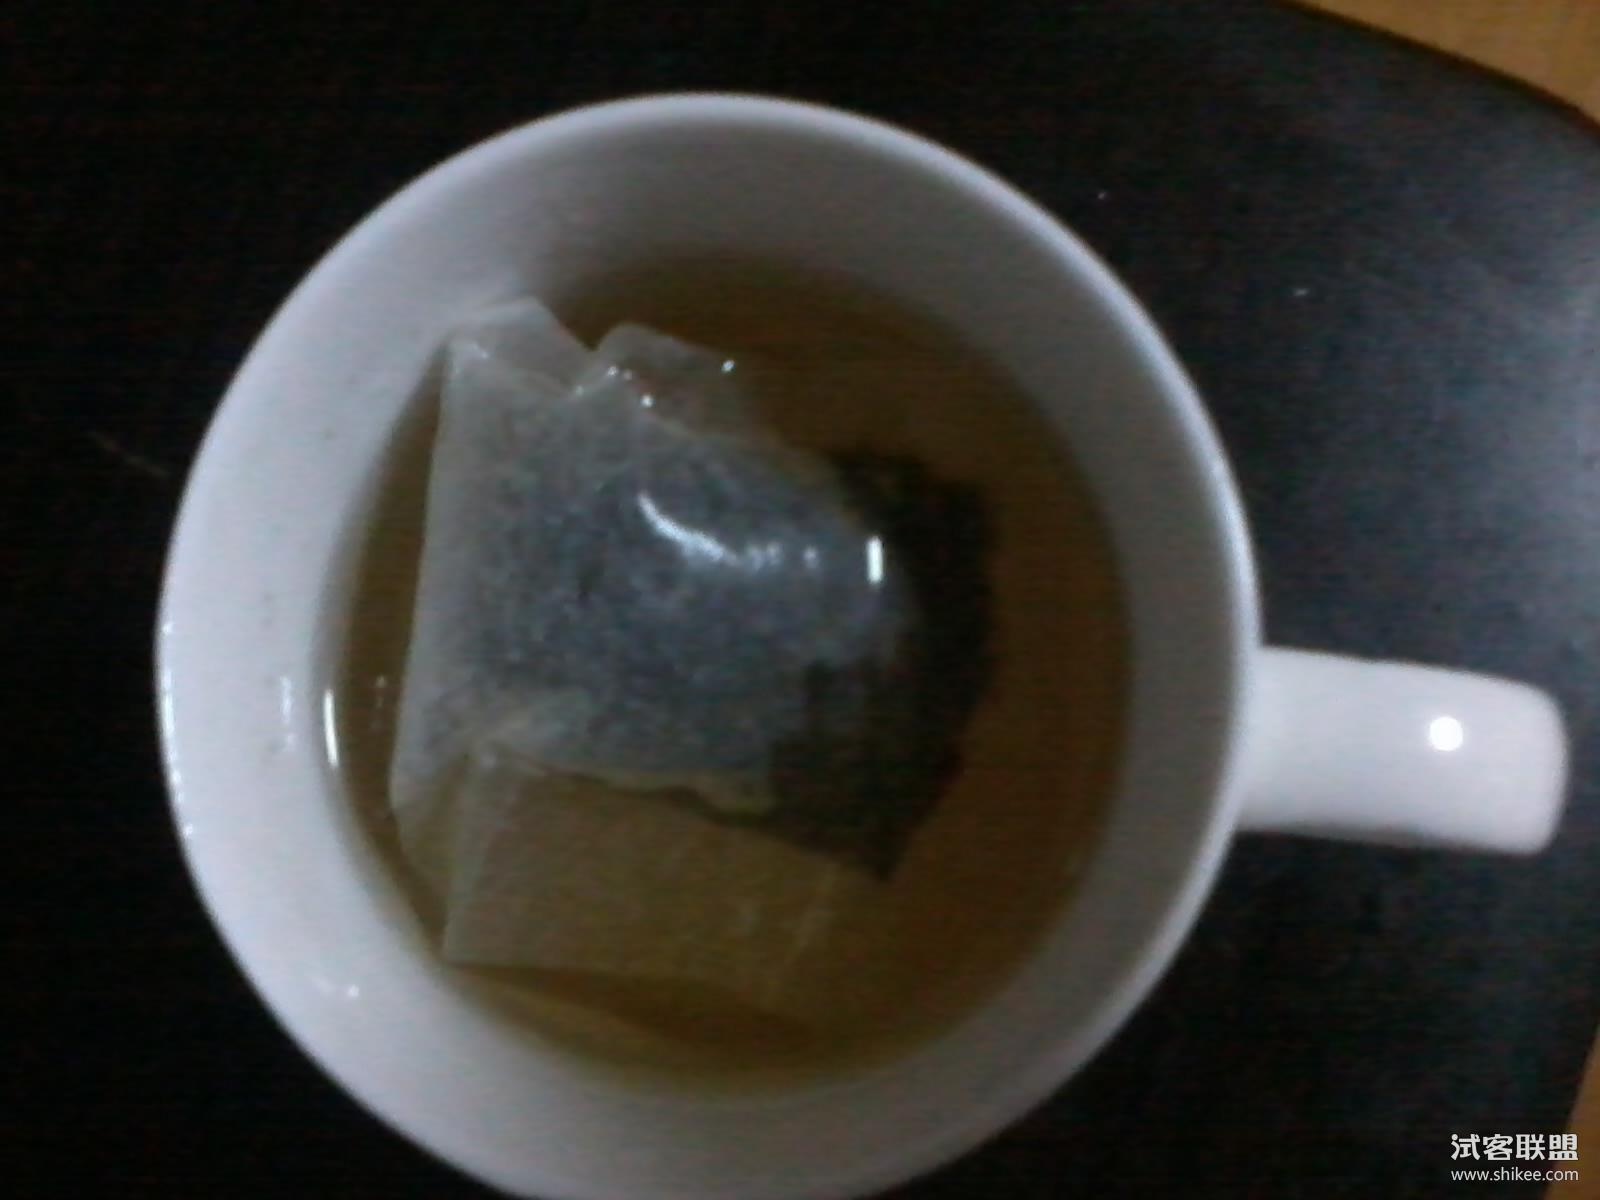 去口腔溃疡中药茶饮搭配喝的,口腔溃疡用什么中药泡水喝